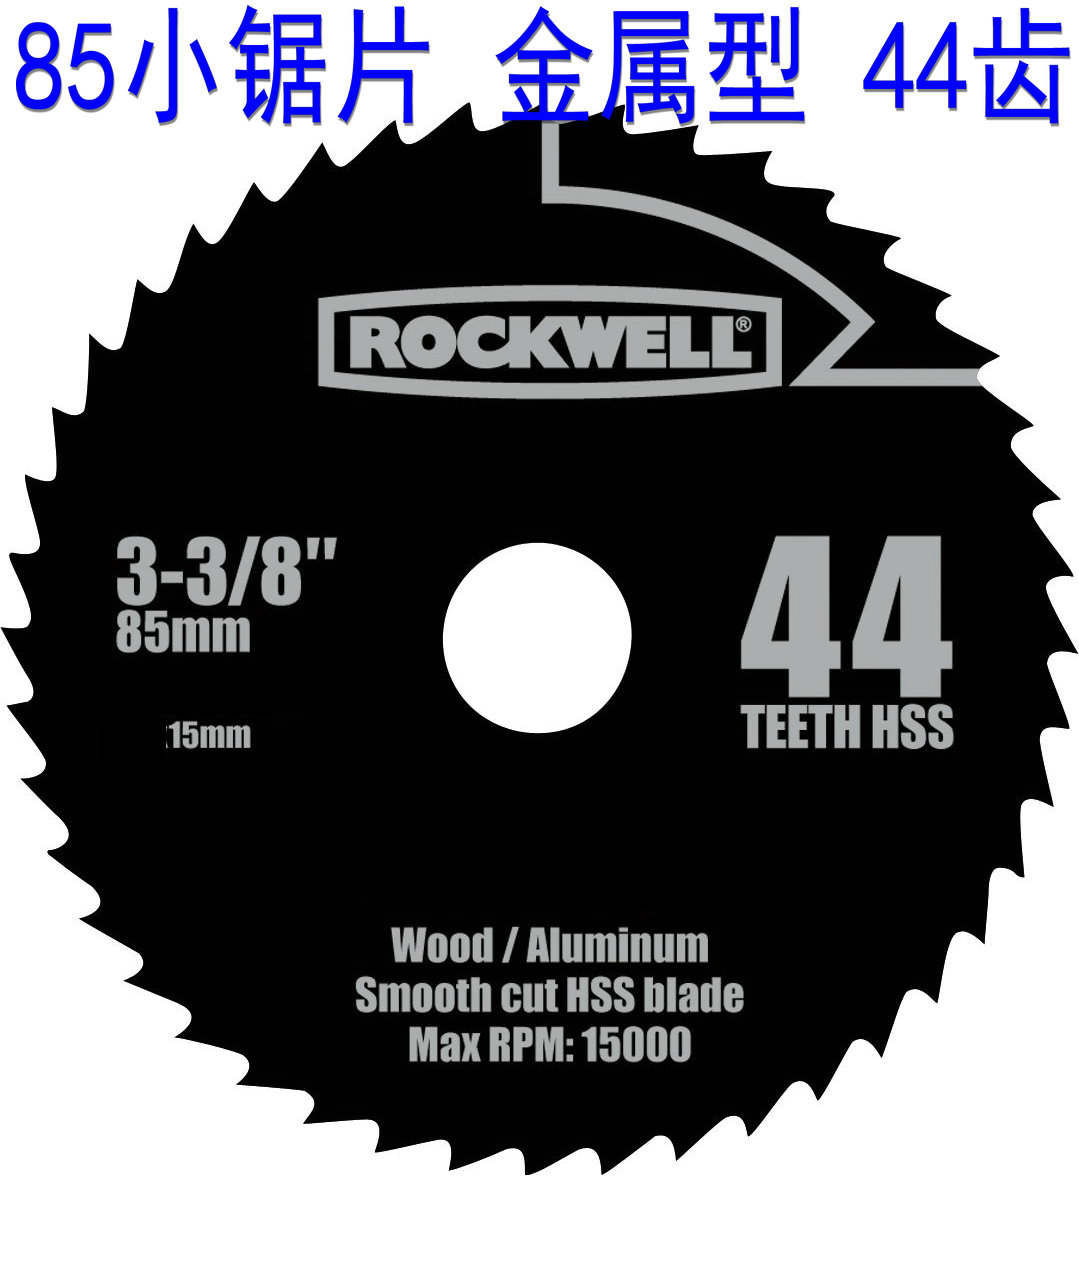 85 лезвие мини-электрический круговой пильный диск наружный диаметр 85 внутренний диаметр 15 резка мягкая металлический Маленький пильный диск 44 зуба